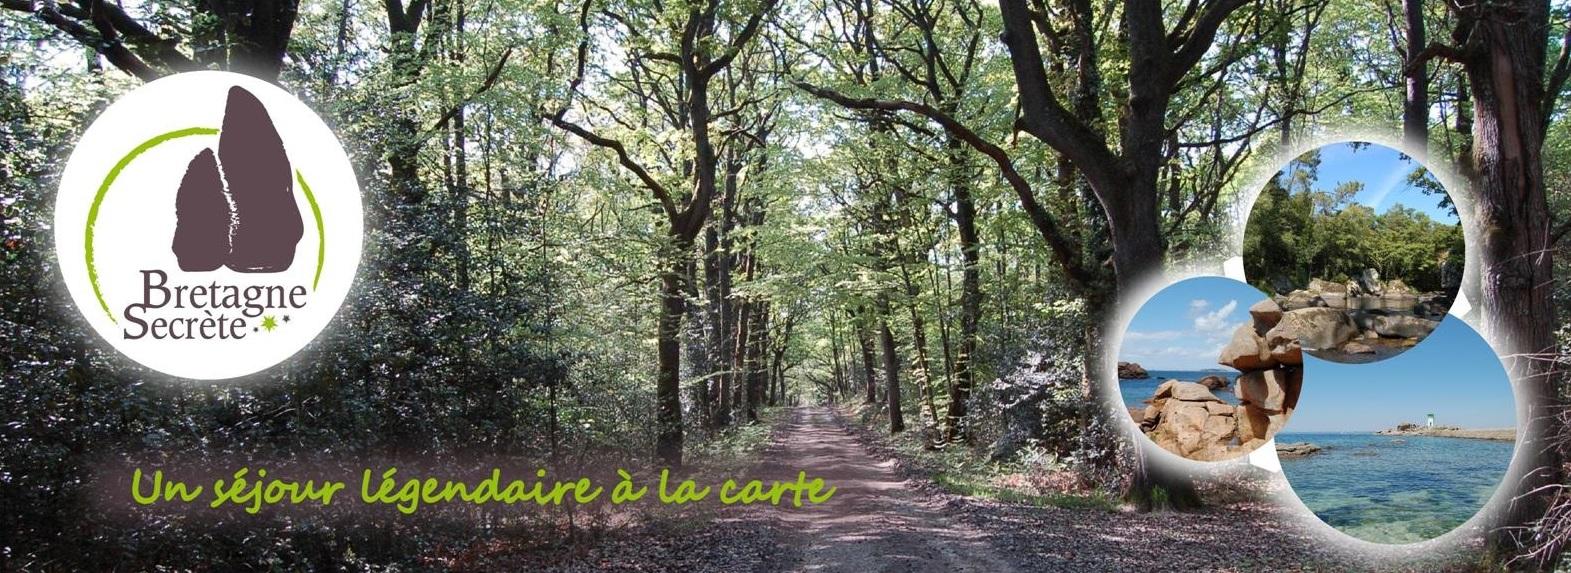 Vacances, séjours, circuits, découvertes, tourisme Bretagne